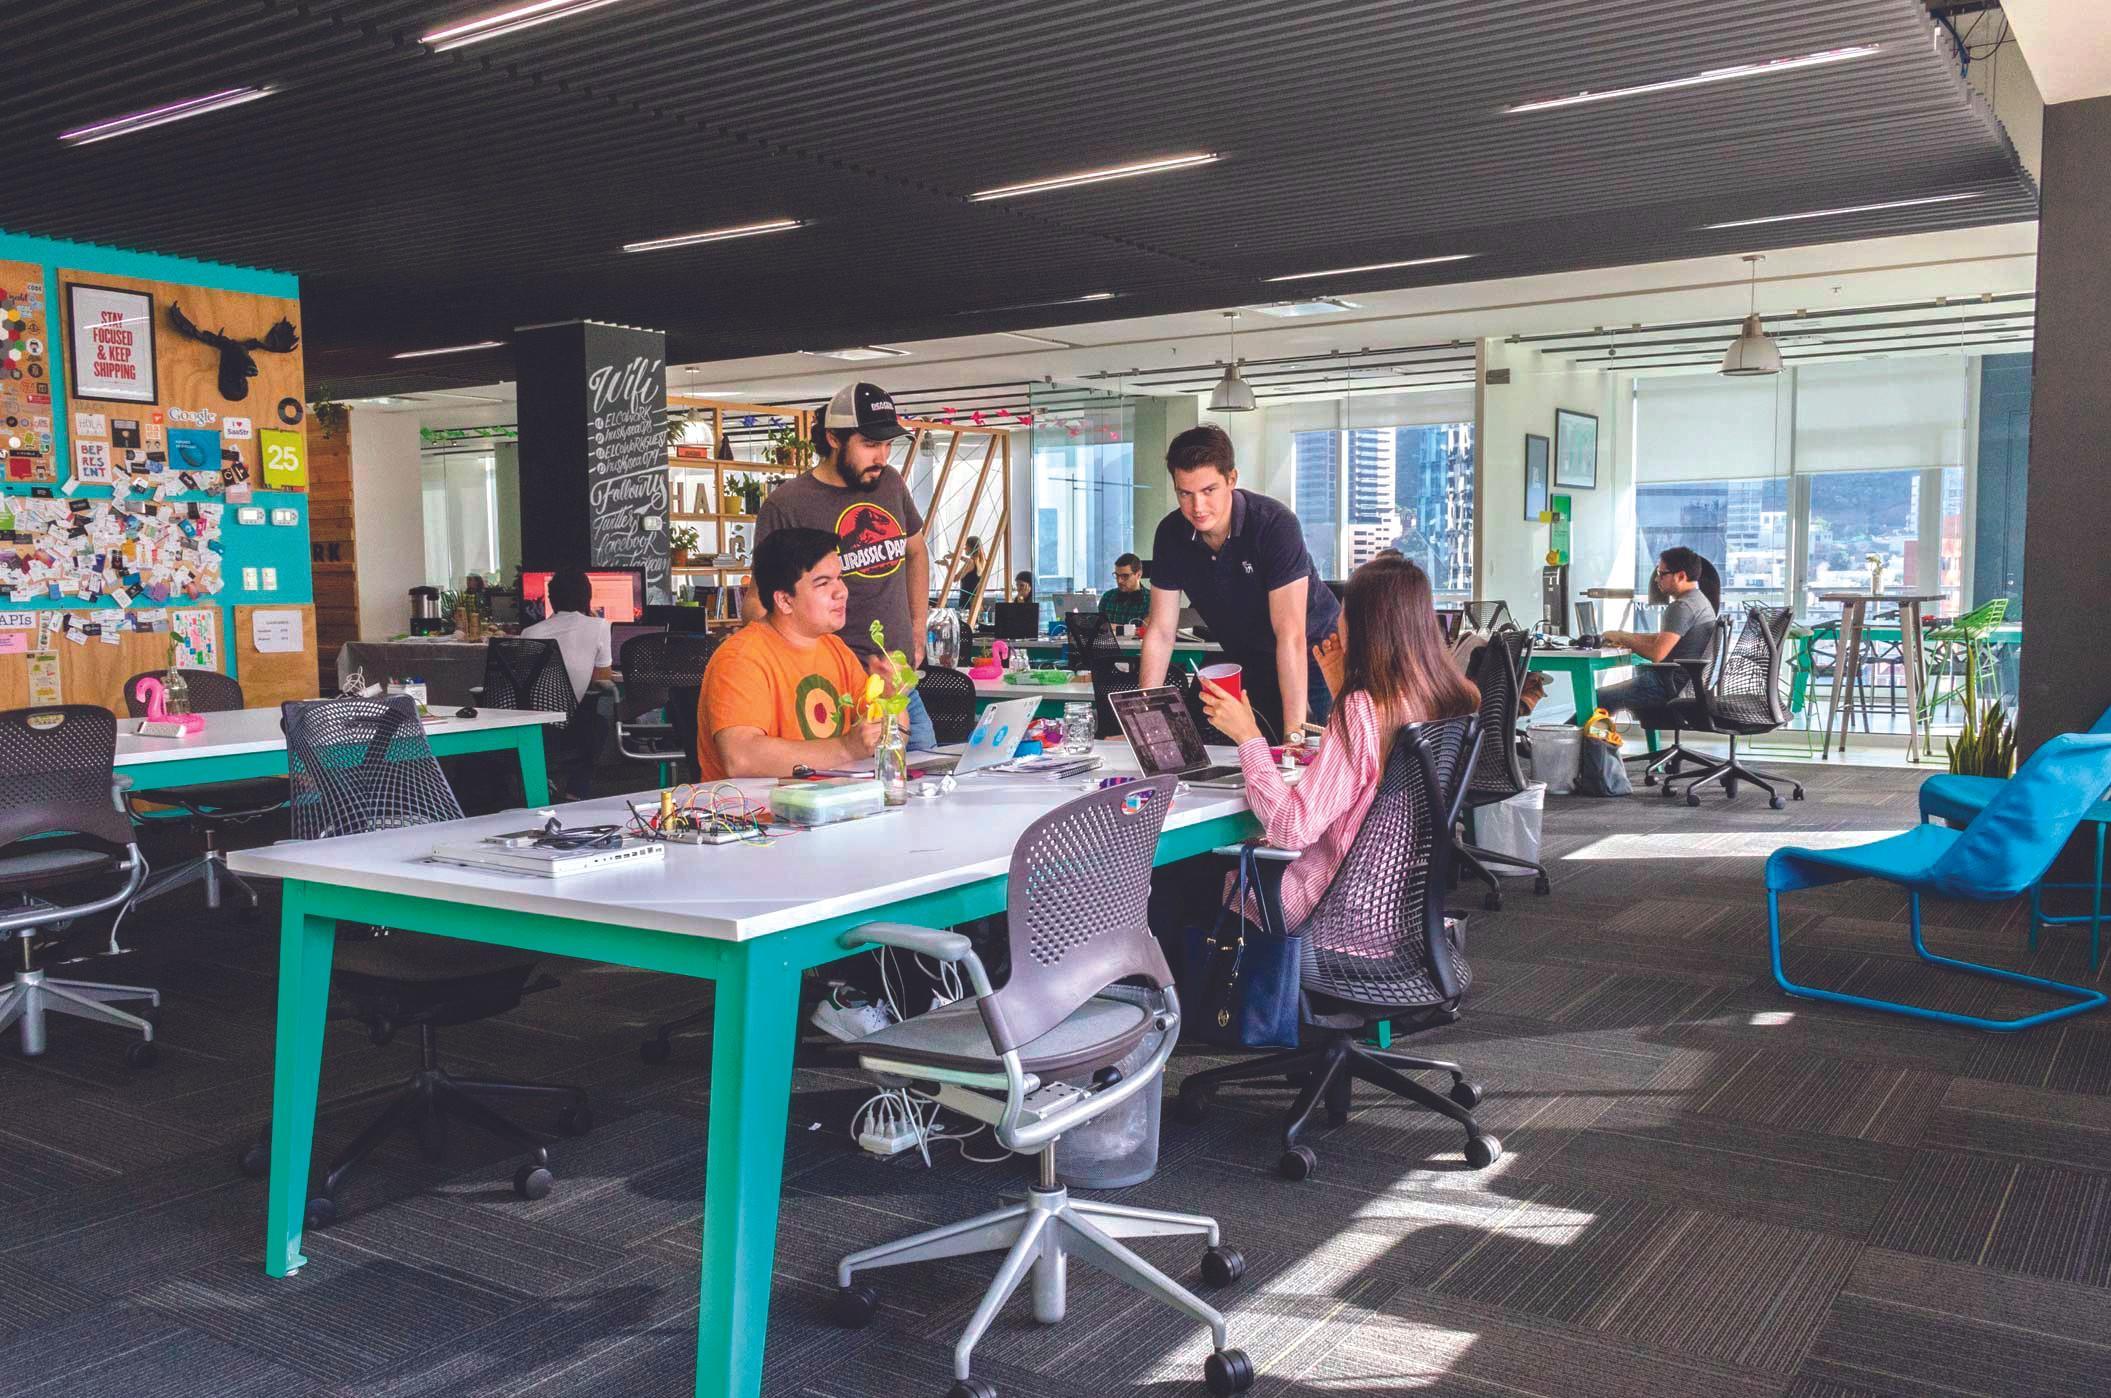 El Cowork, espacio de Coworking, Monterrey, México.